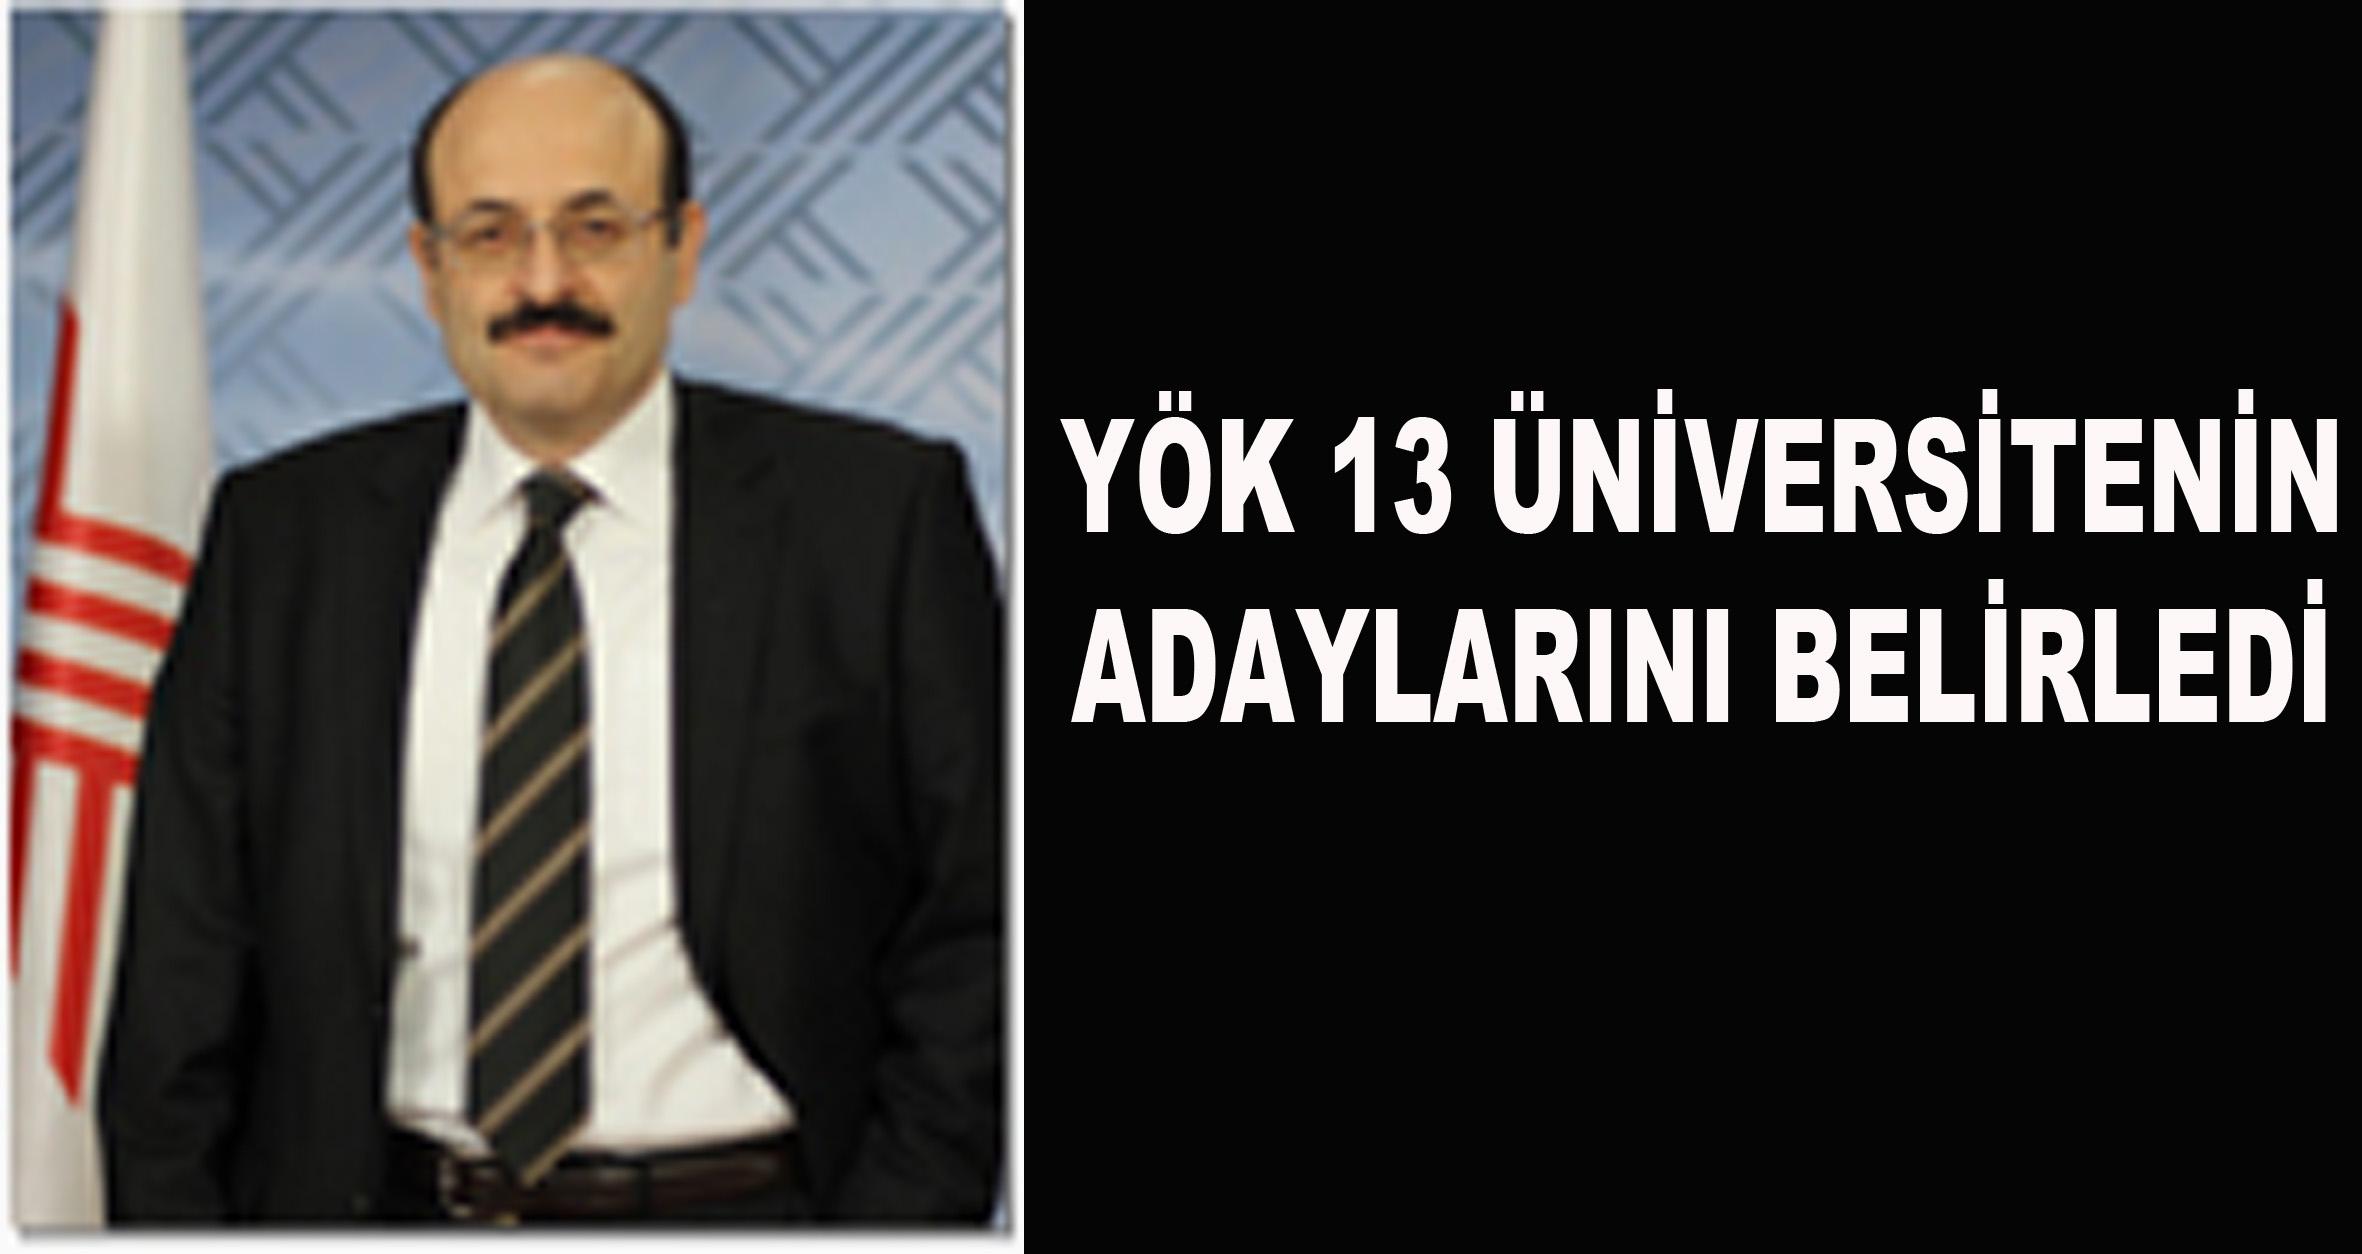 YÖK 13 Üniversitenin Rektör Adaylarını Belirledi